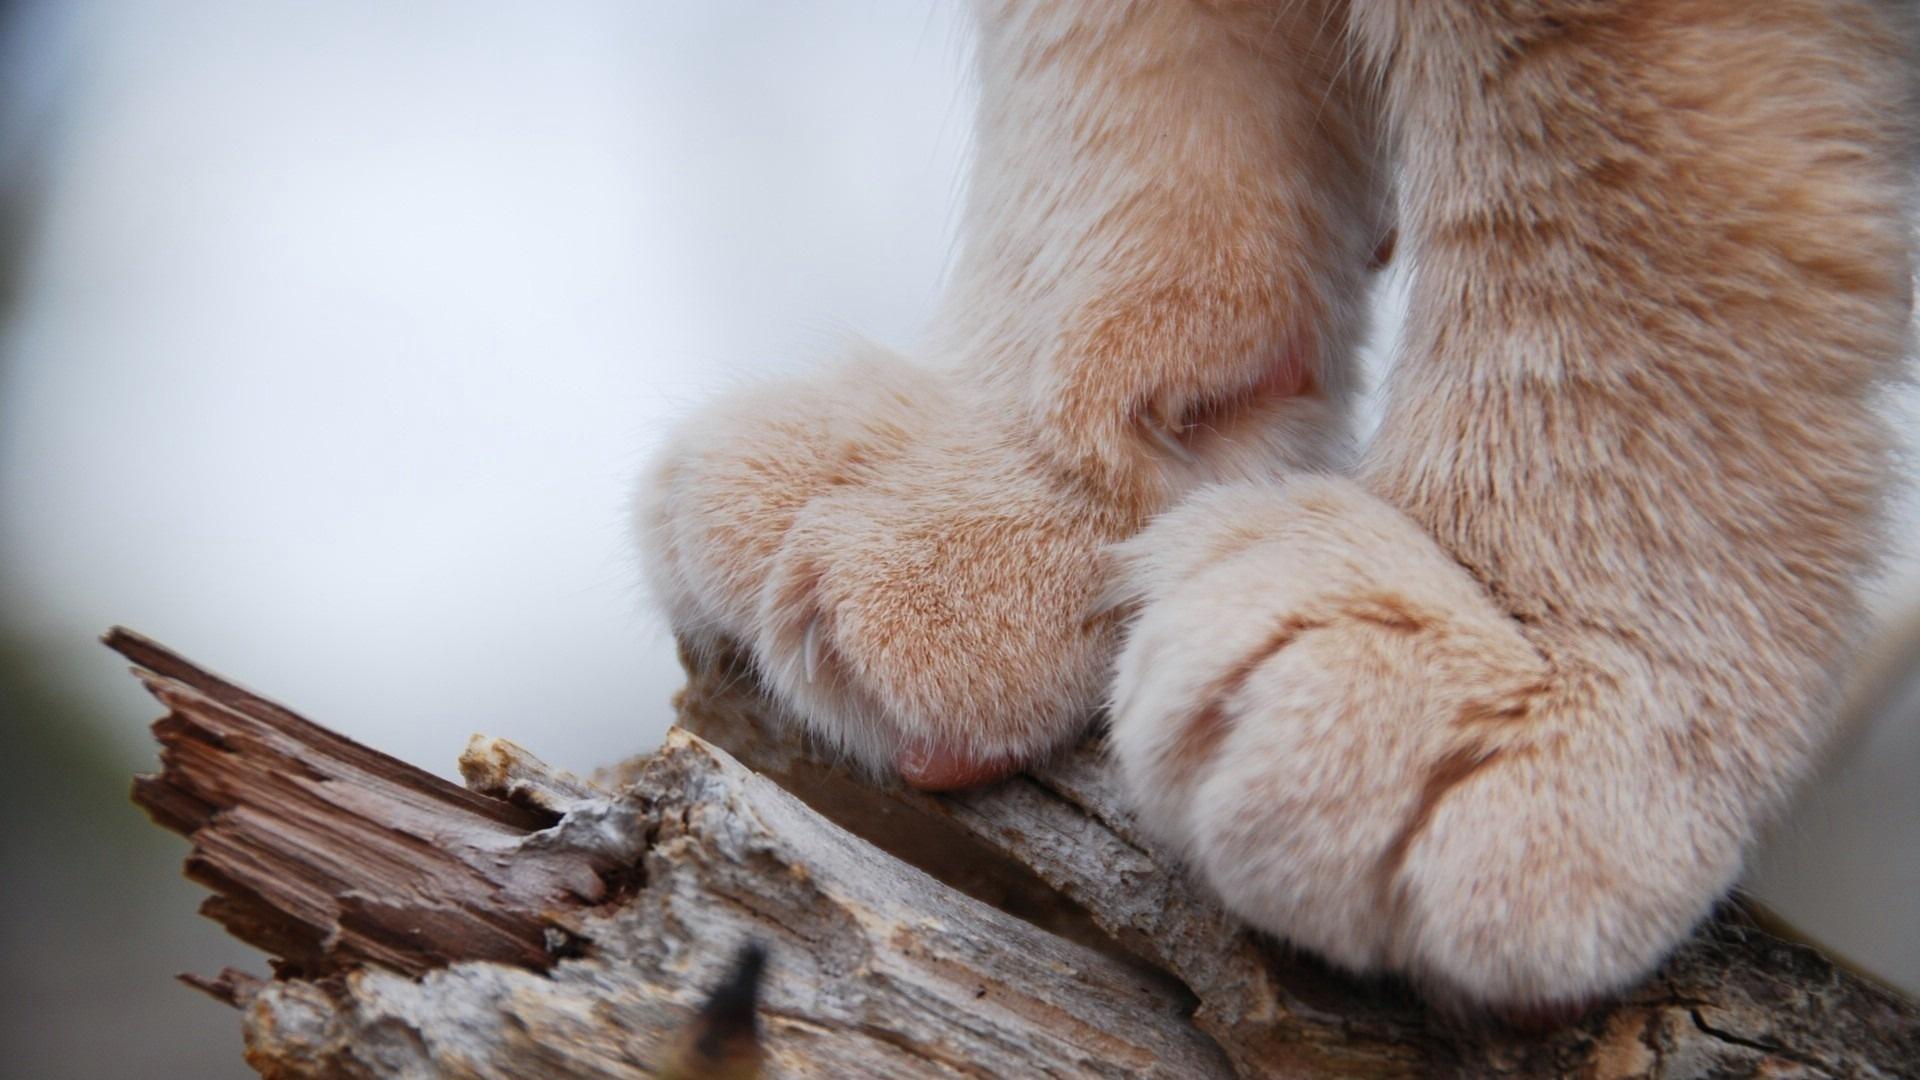 cat spaw close-up